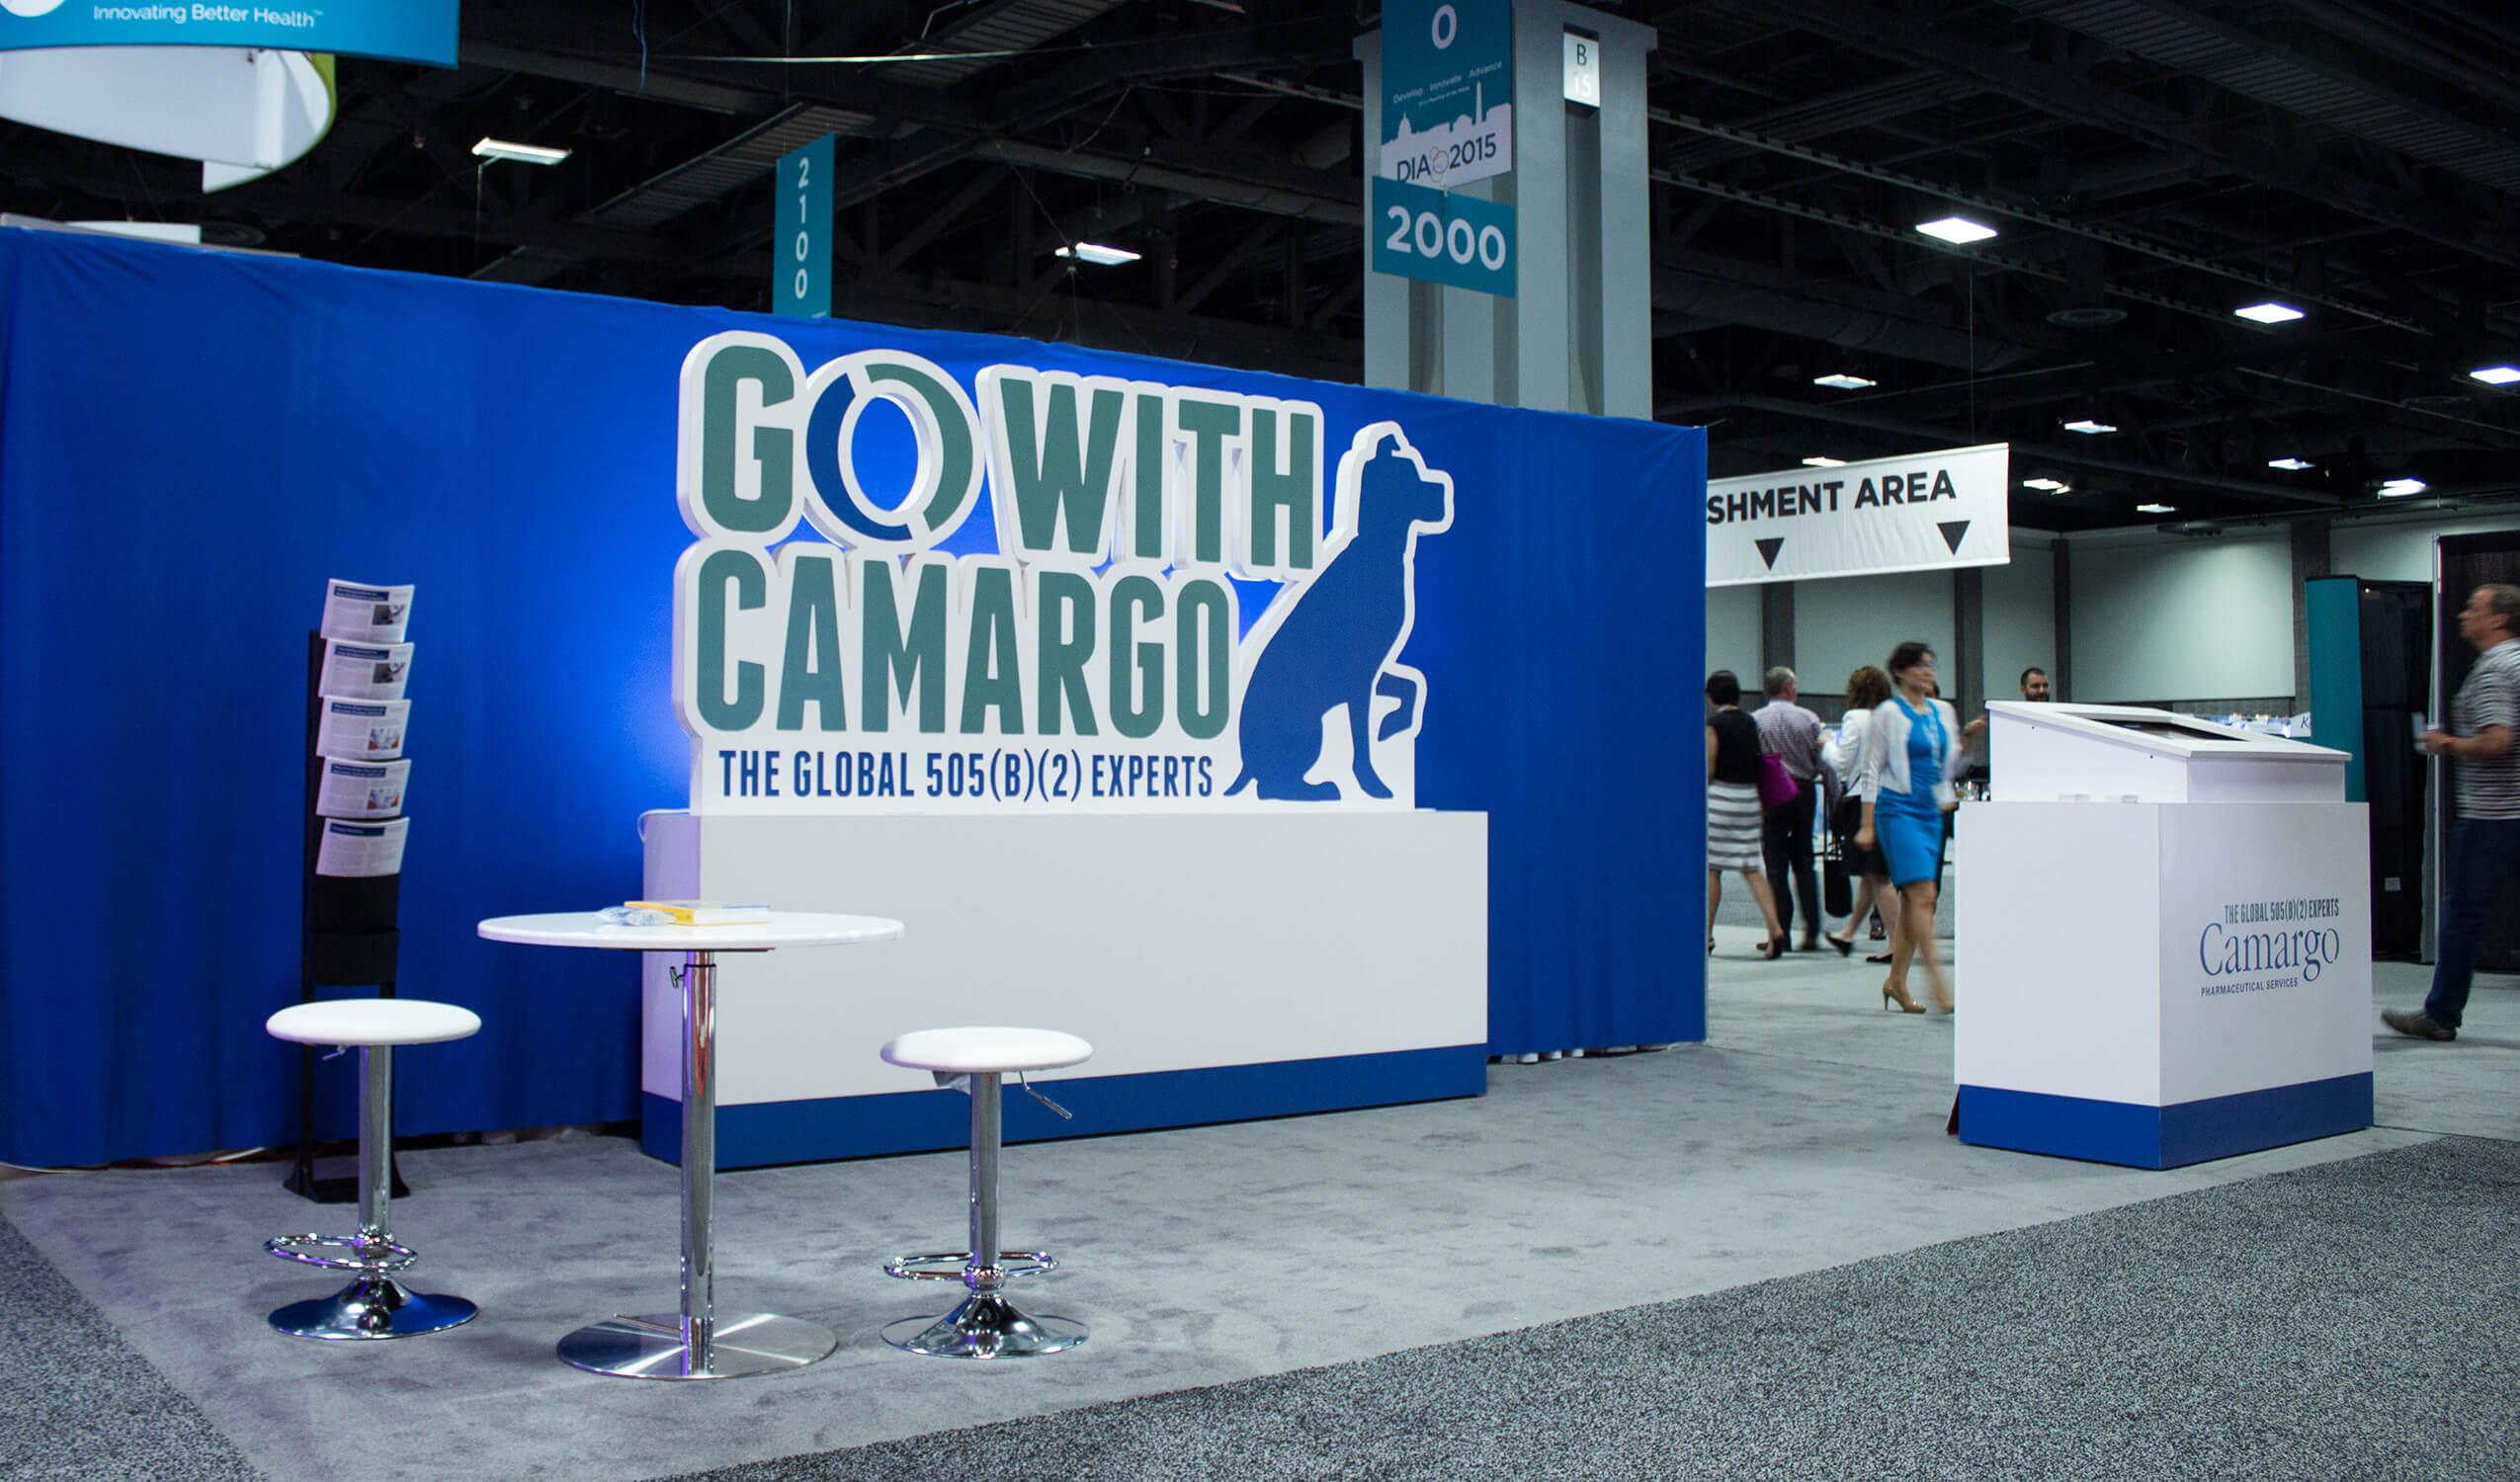 Camargo trade show booth